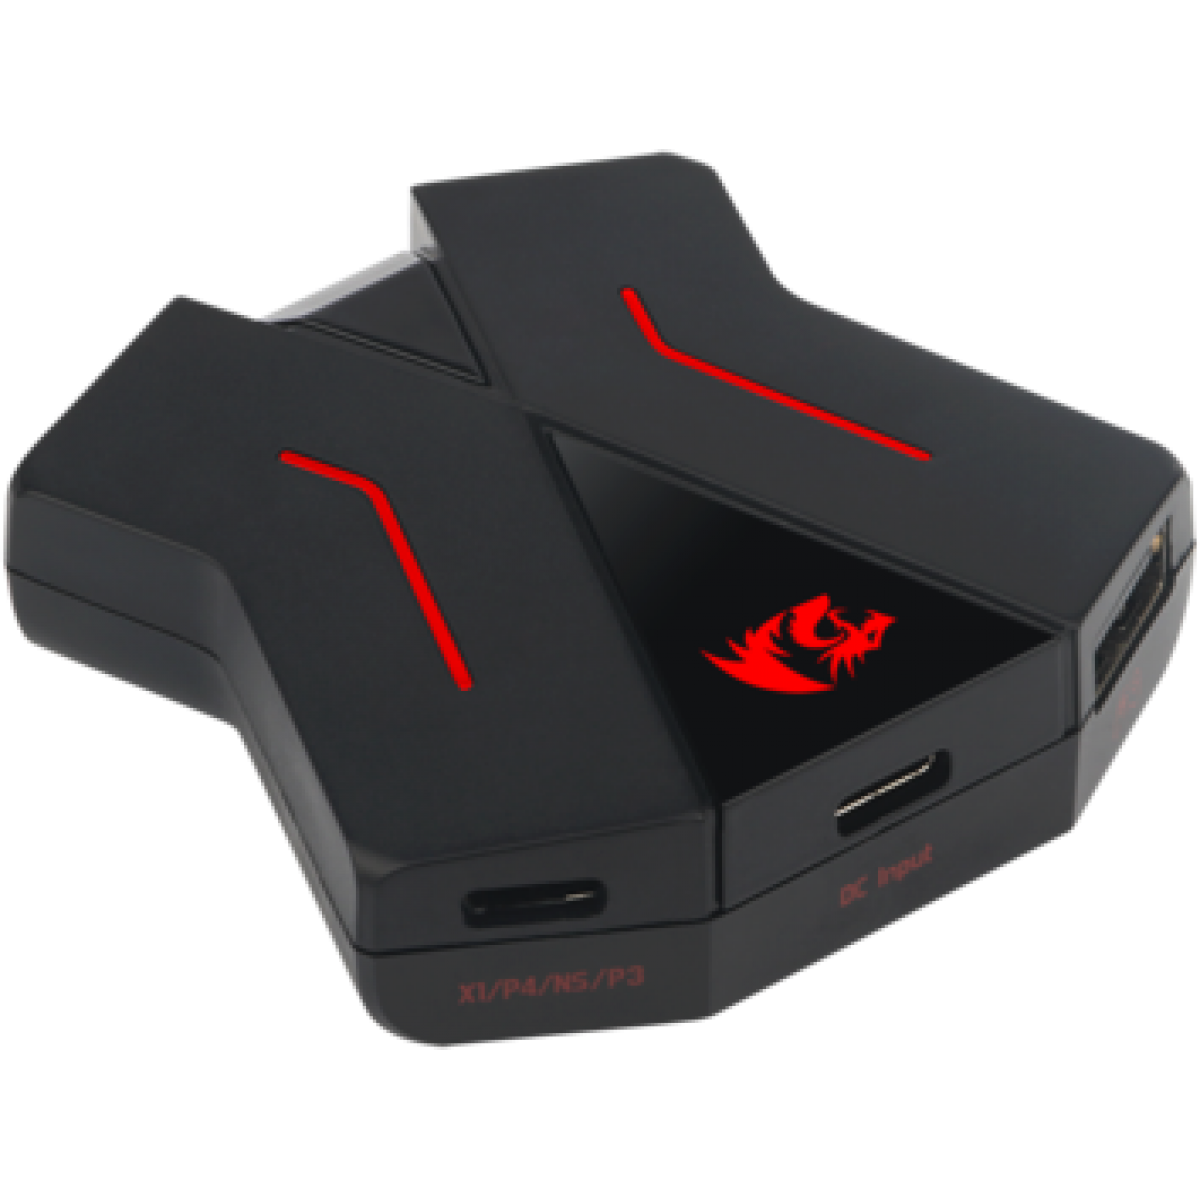 Adaptador Redragon para Teclado e Mouse Eris GA-200